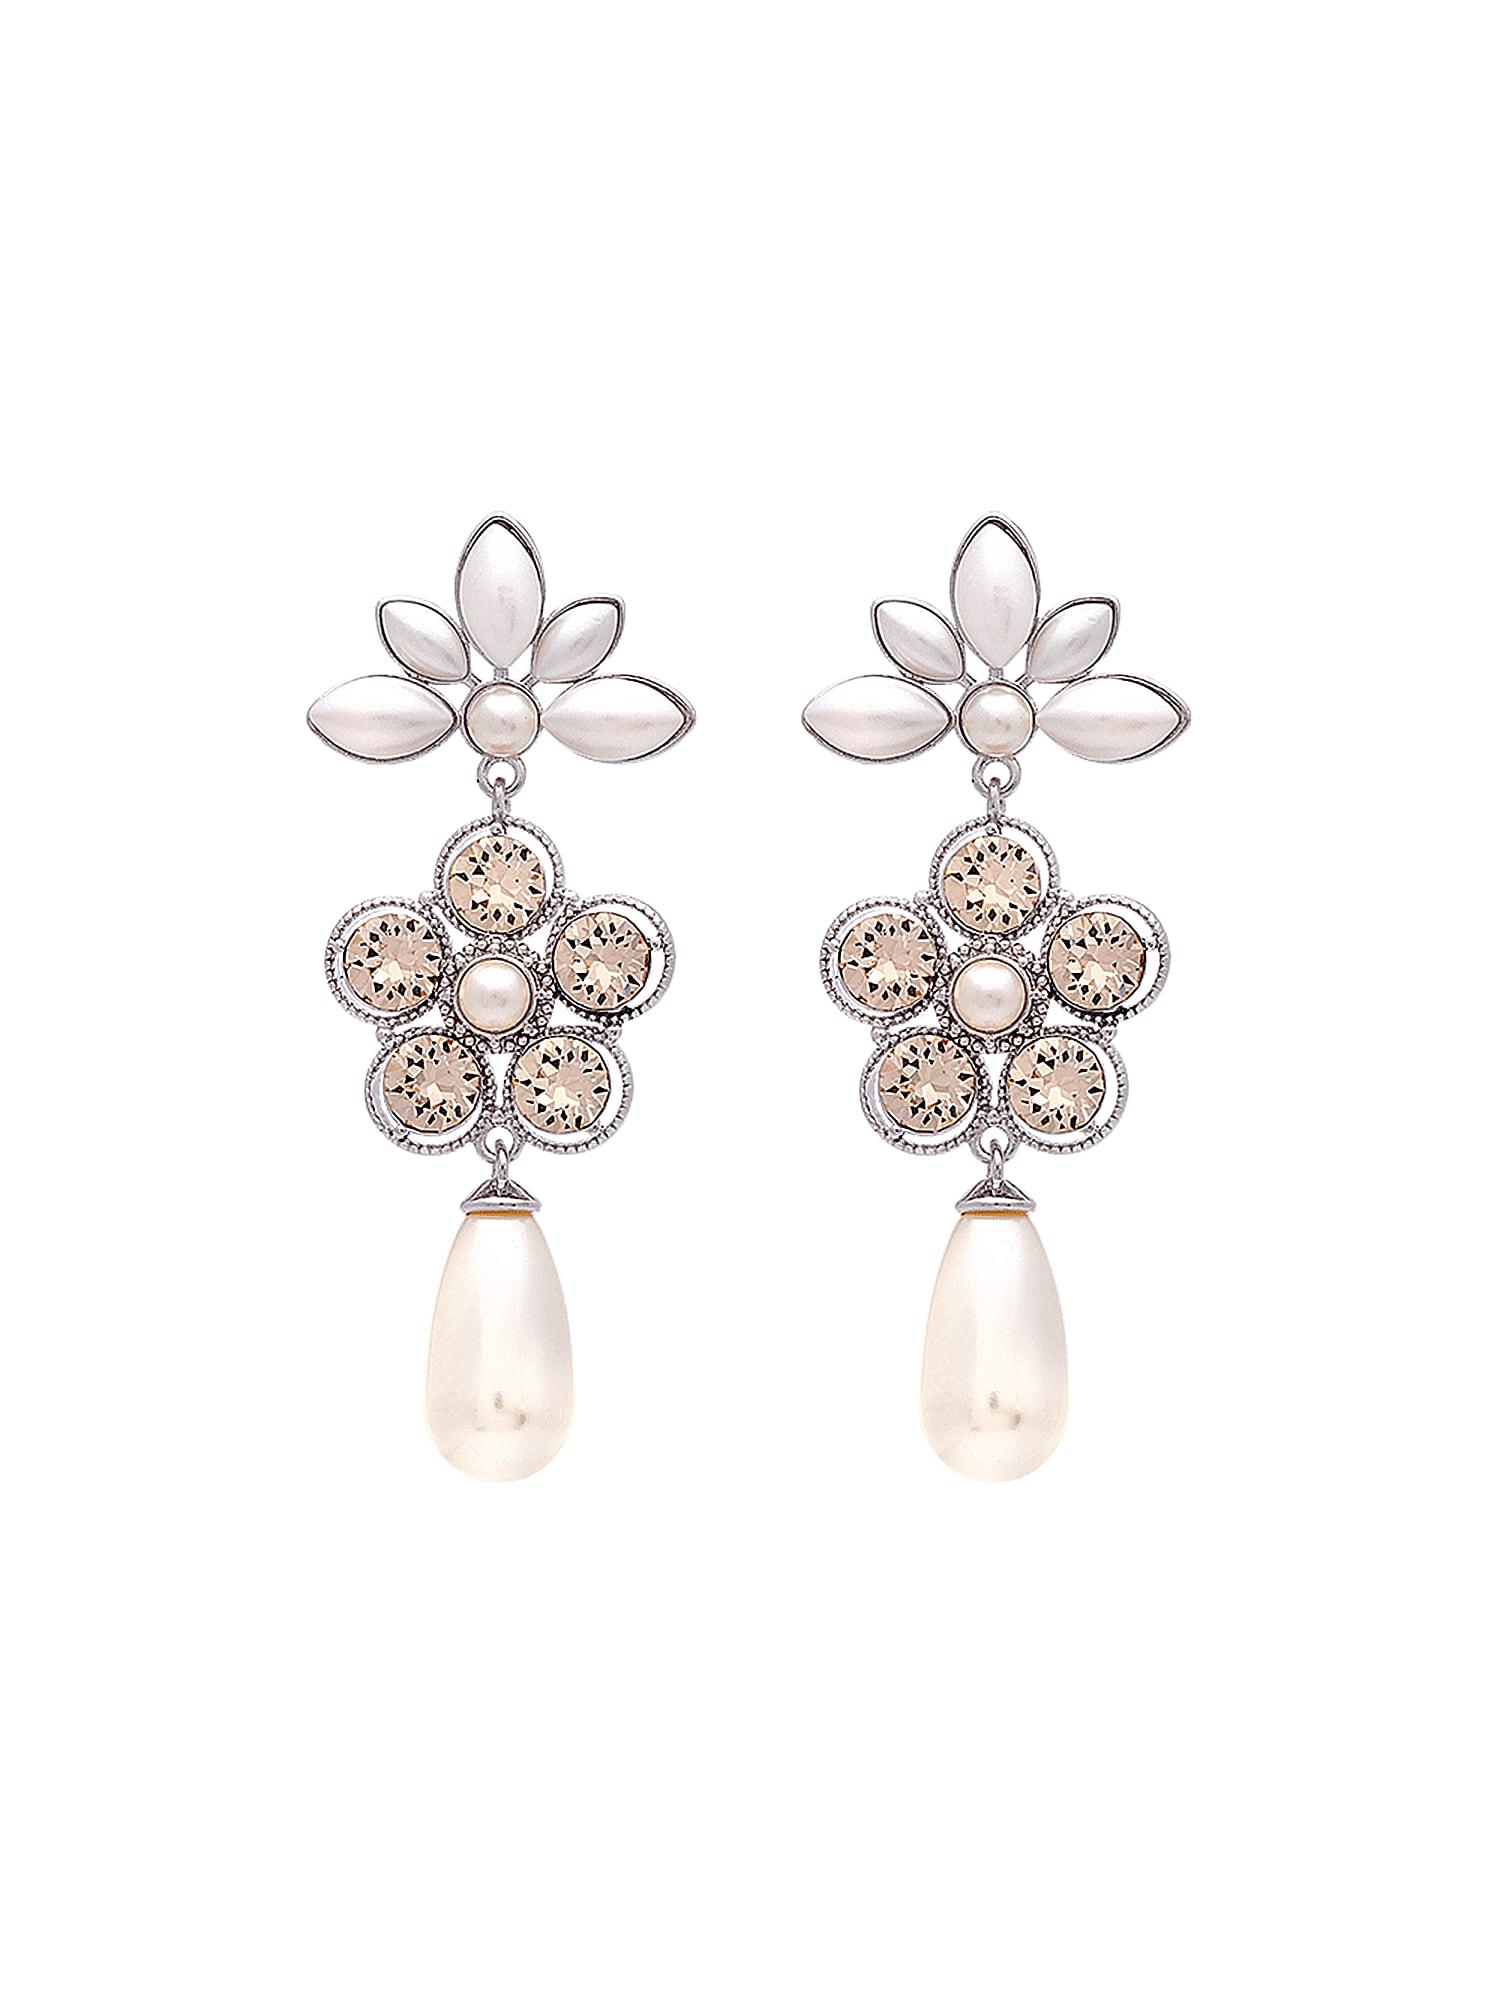 Náušnice Aurora růžová stříbrná perlově bílá LILY AND ROSE